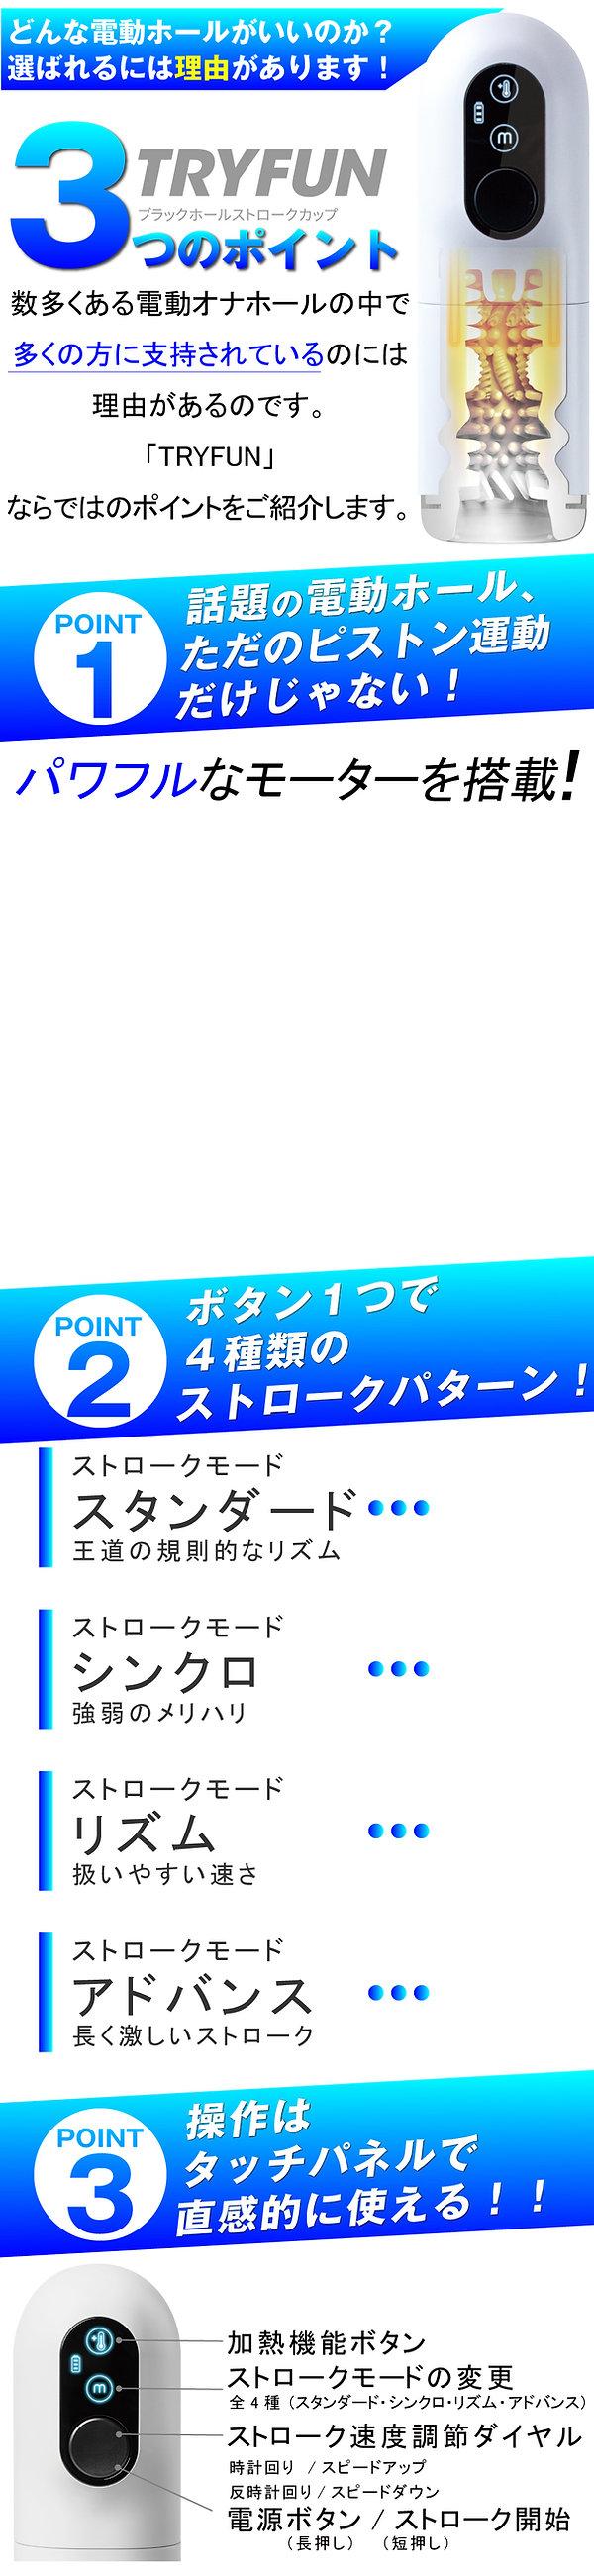 3つのポイント青.jpg